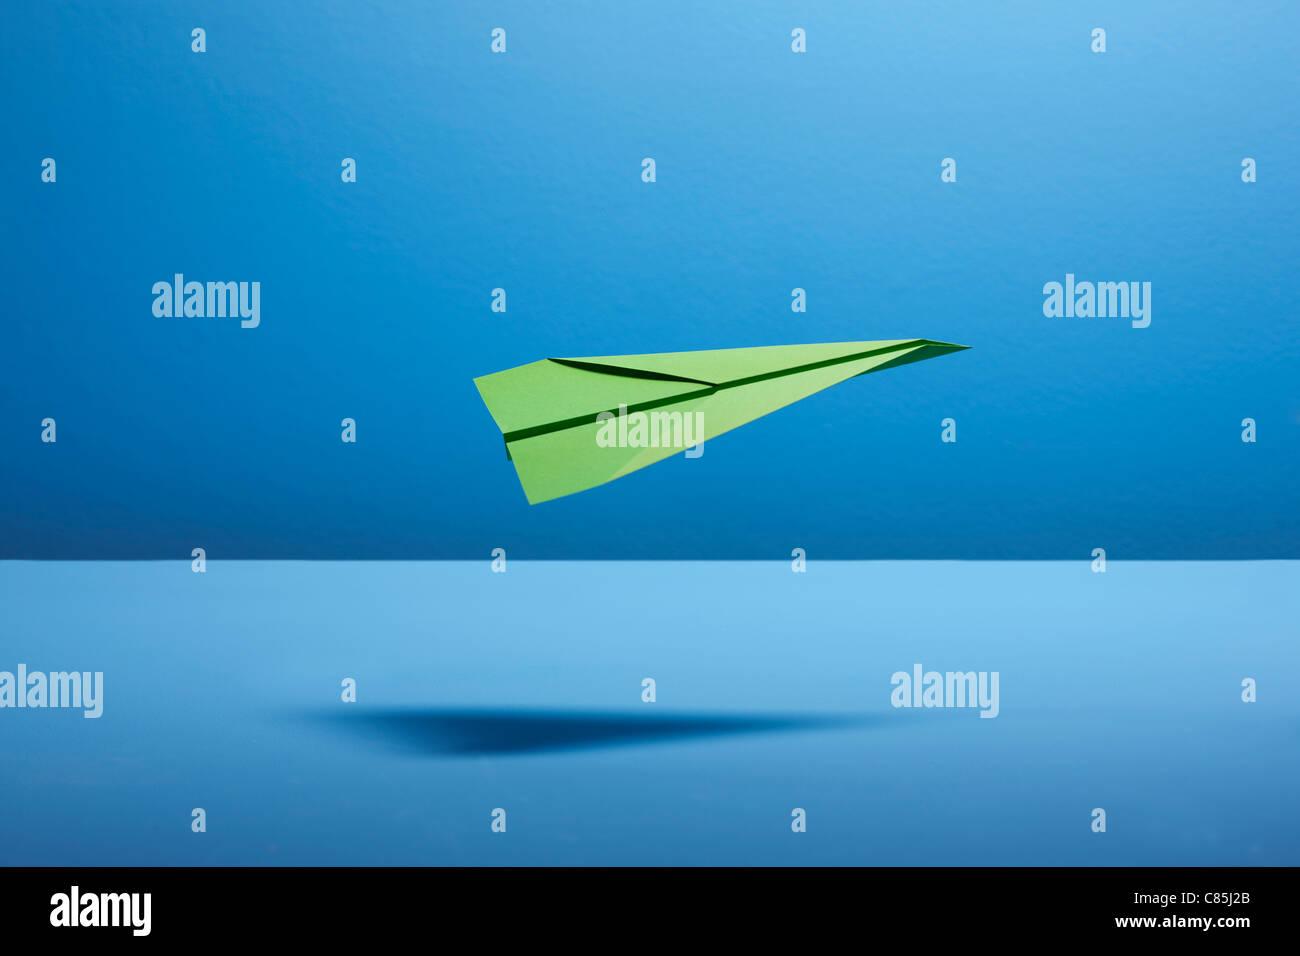 Avion en papier contre l'arrière-plan gris Photo Stock